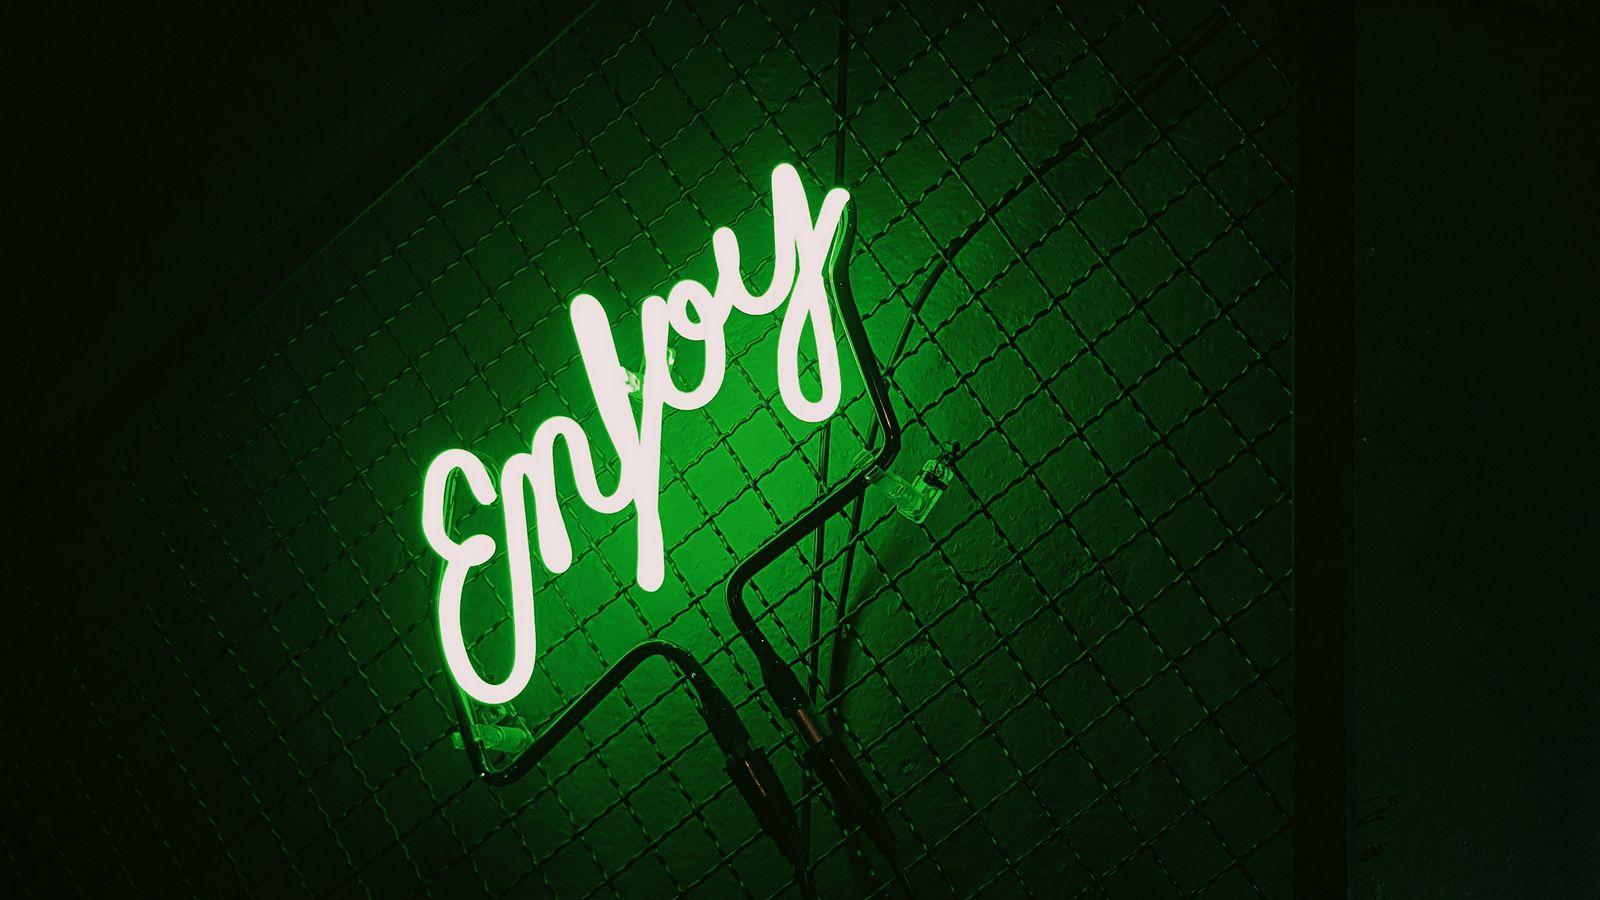 1600x900 Wallpaper inscription, neon, backlight, green, dark